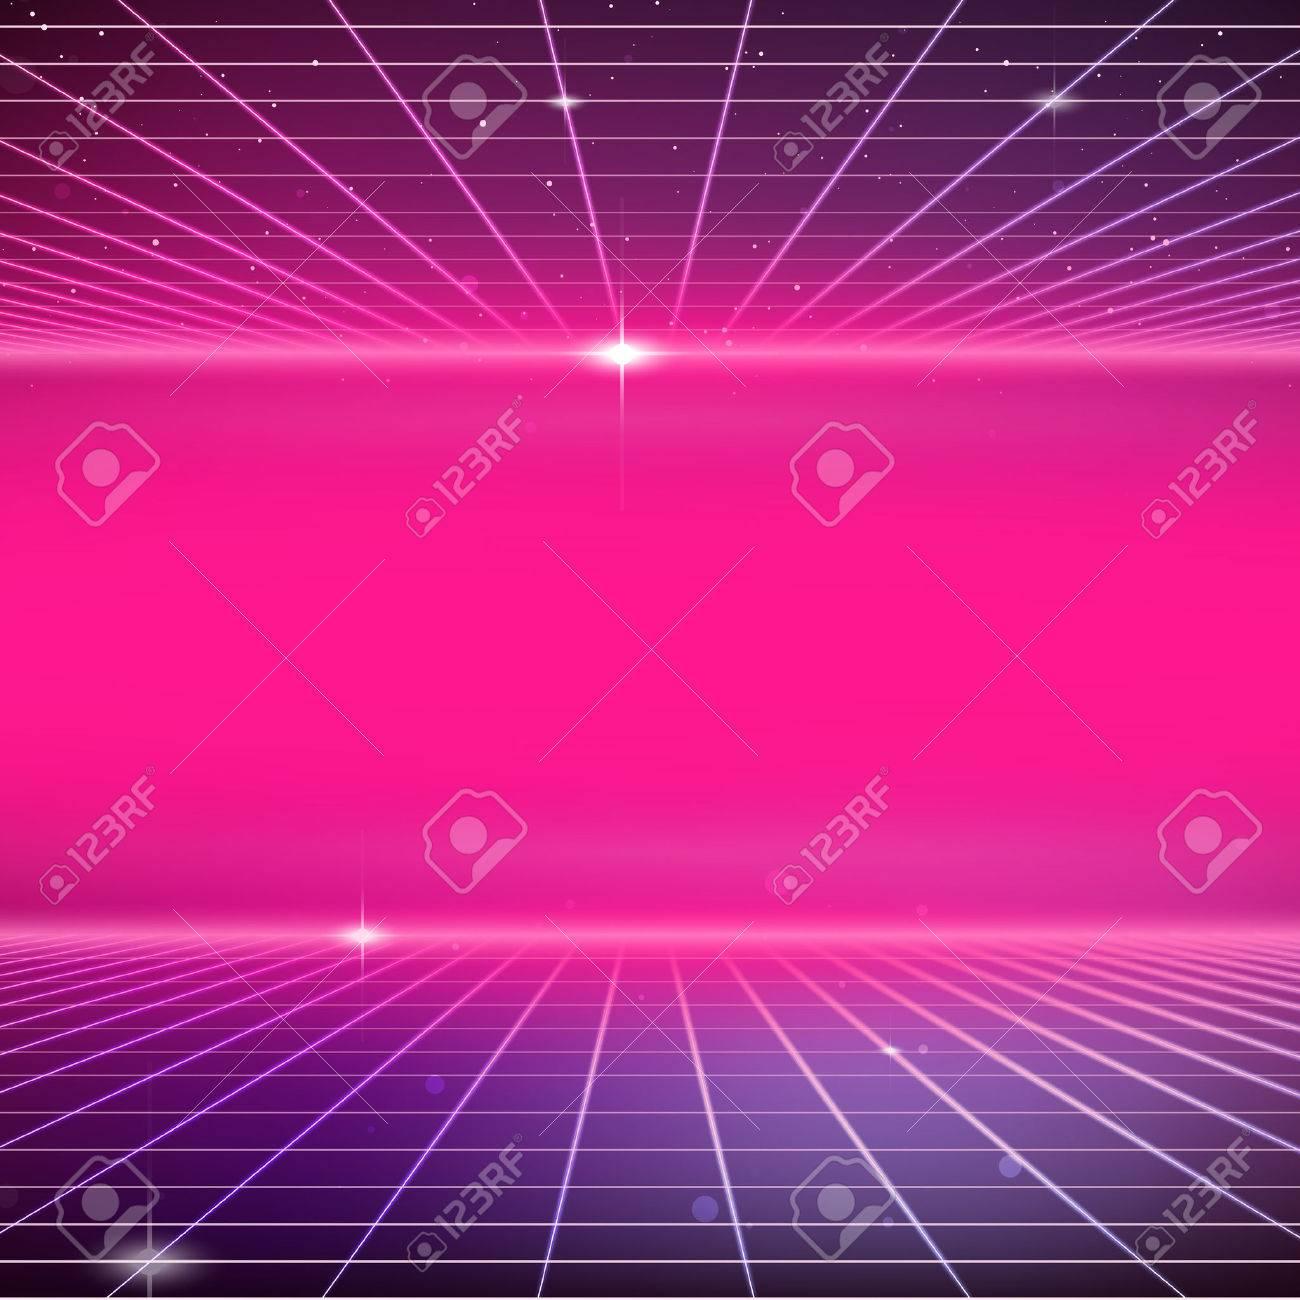 80s Retro Sci-Fi Background - 36477438